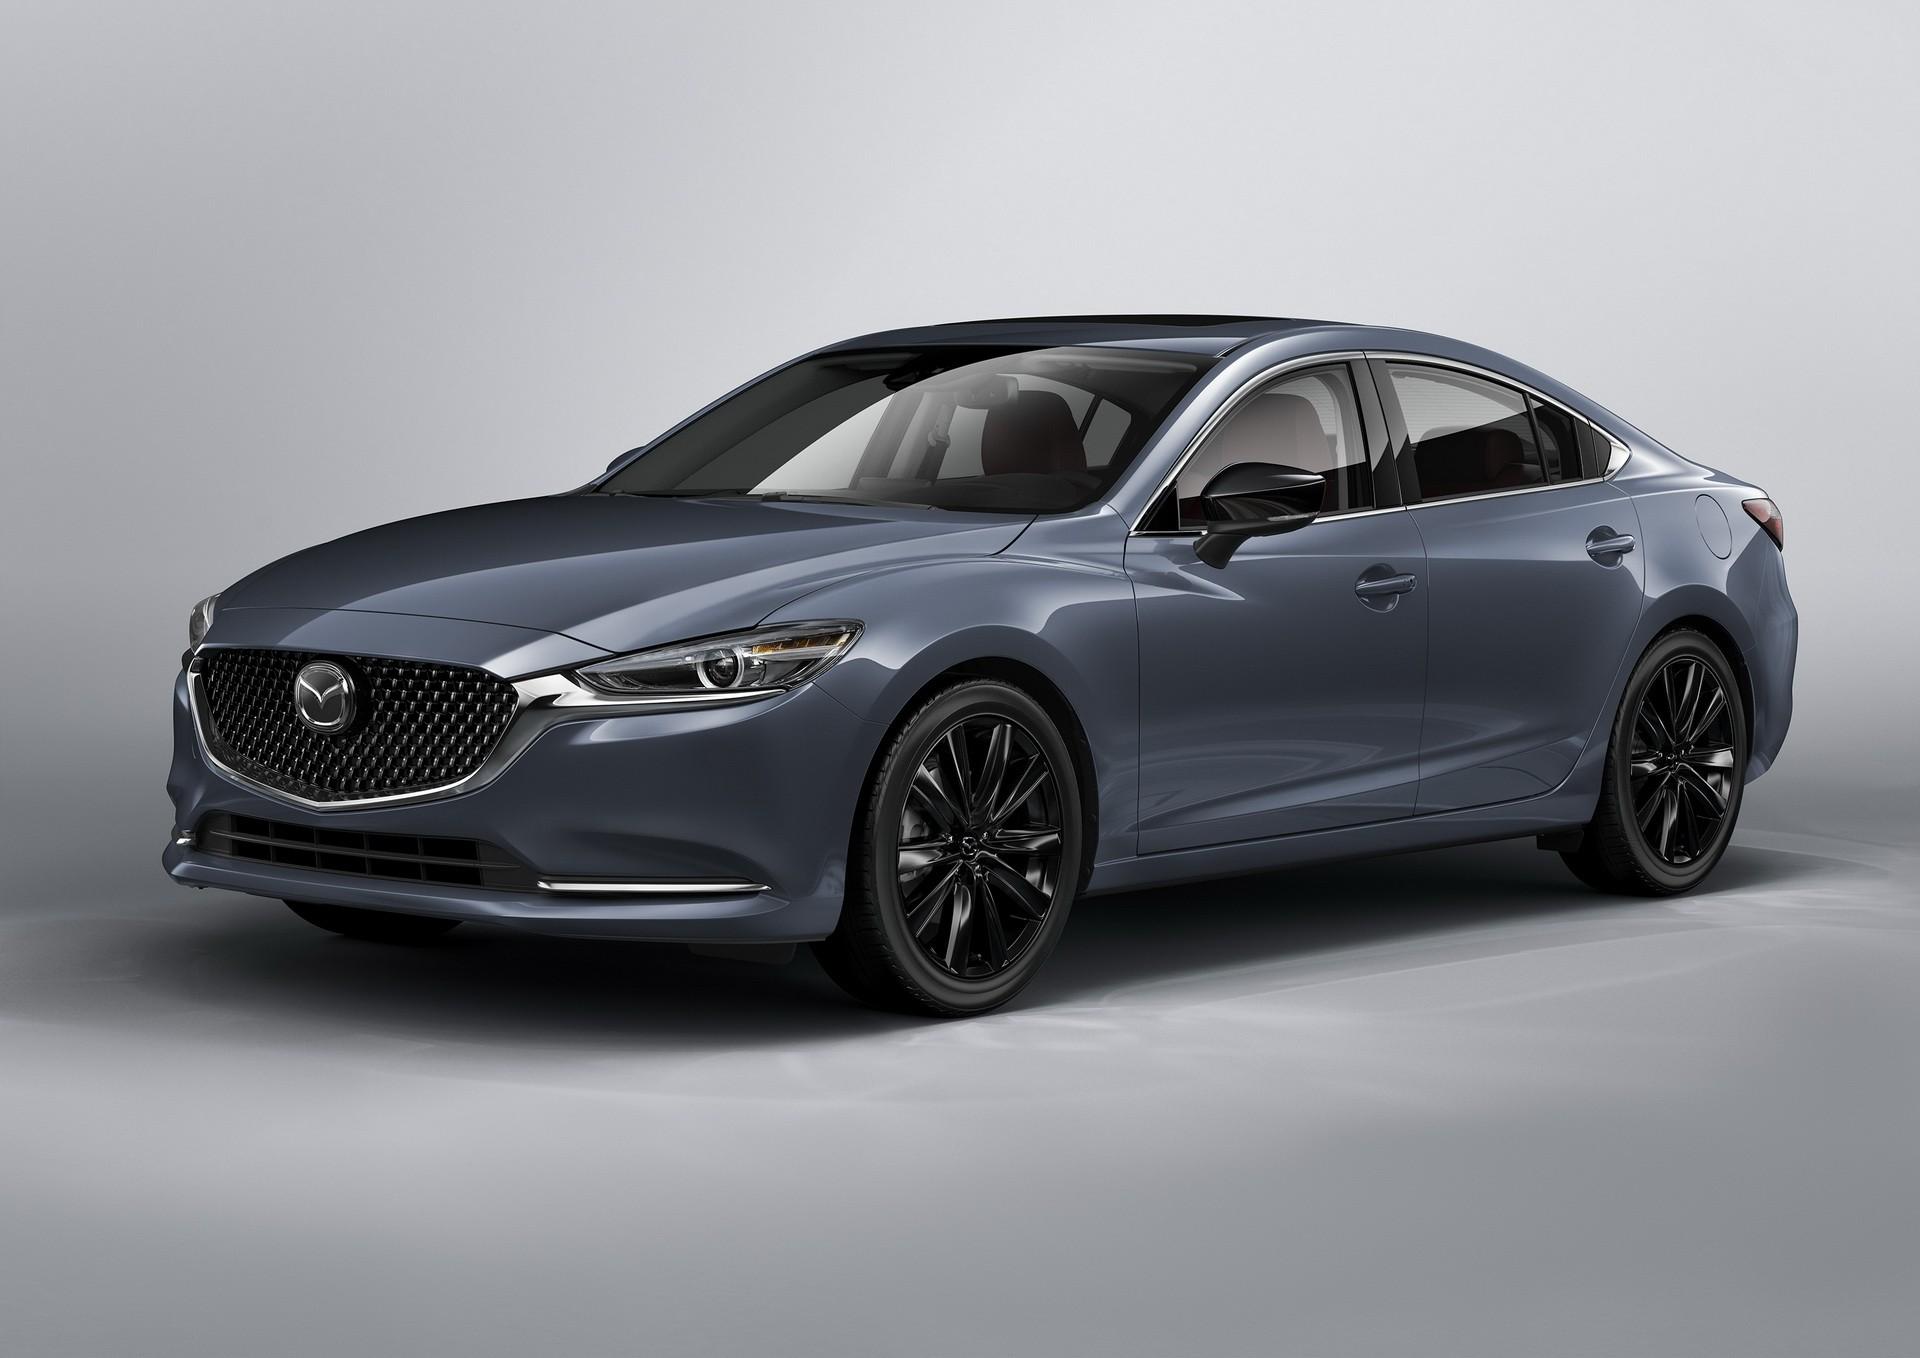 Đánh giá Mazda 6 bạn cần biết